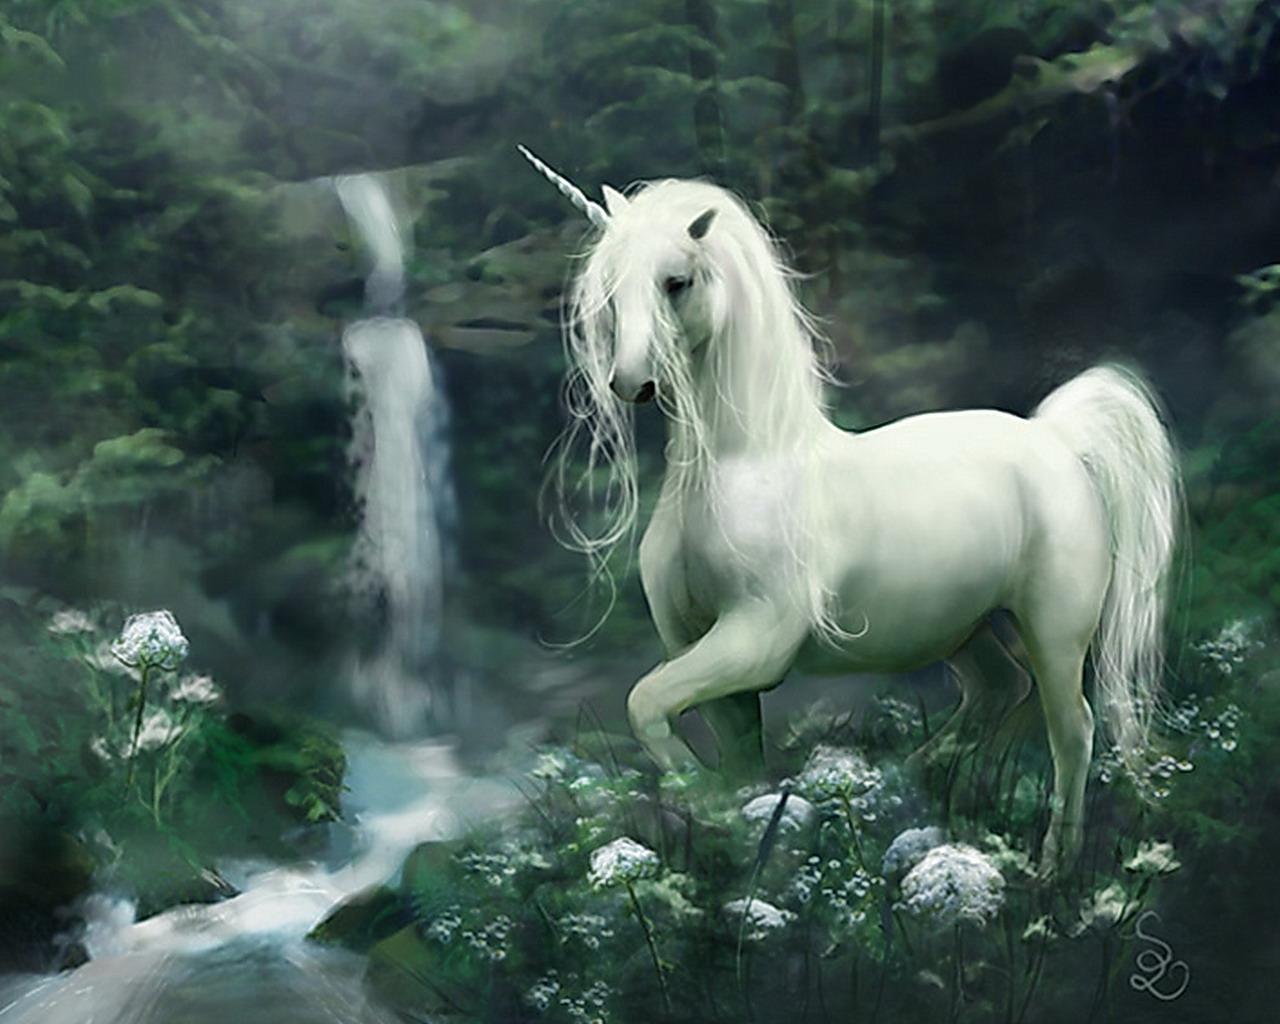 http://1.bp.blogspot.com/-hrrzhtyv0Ro/UQVB3ARbutI/AAAAAAAAAyc/KOXJ-ej_Uuc/s1600/Unicorn-fantasy-30995379-1280-1024.jpg